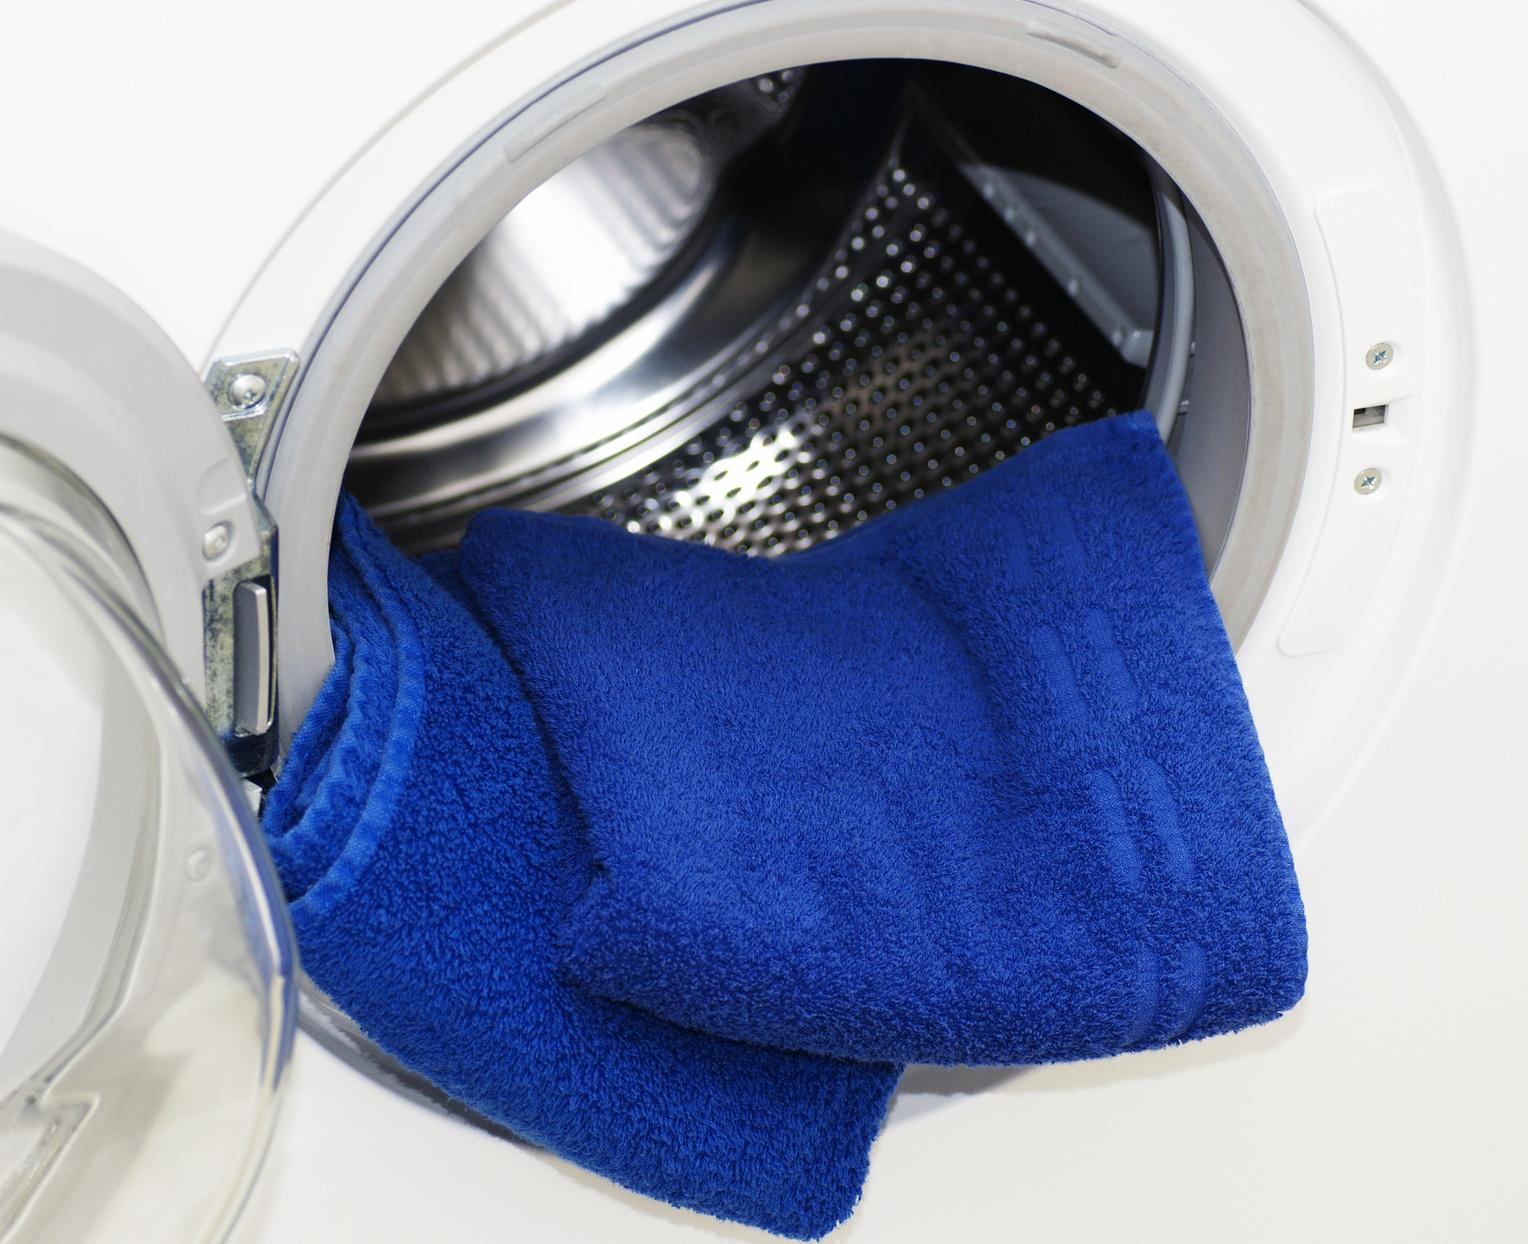 Waschmaschine Flusensieb reinigen Tipps